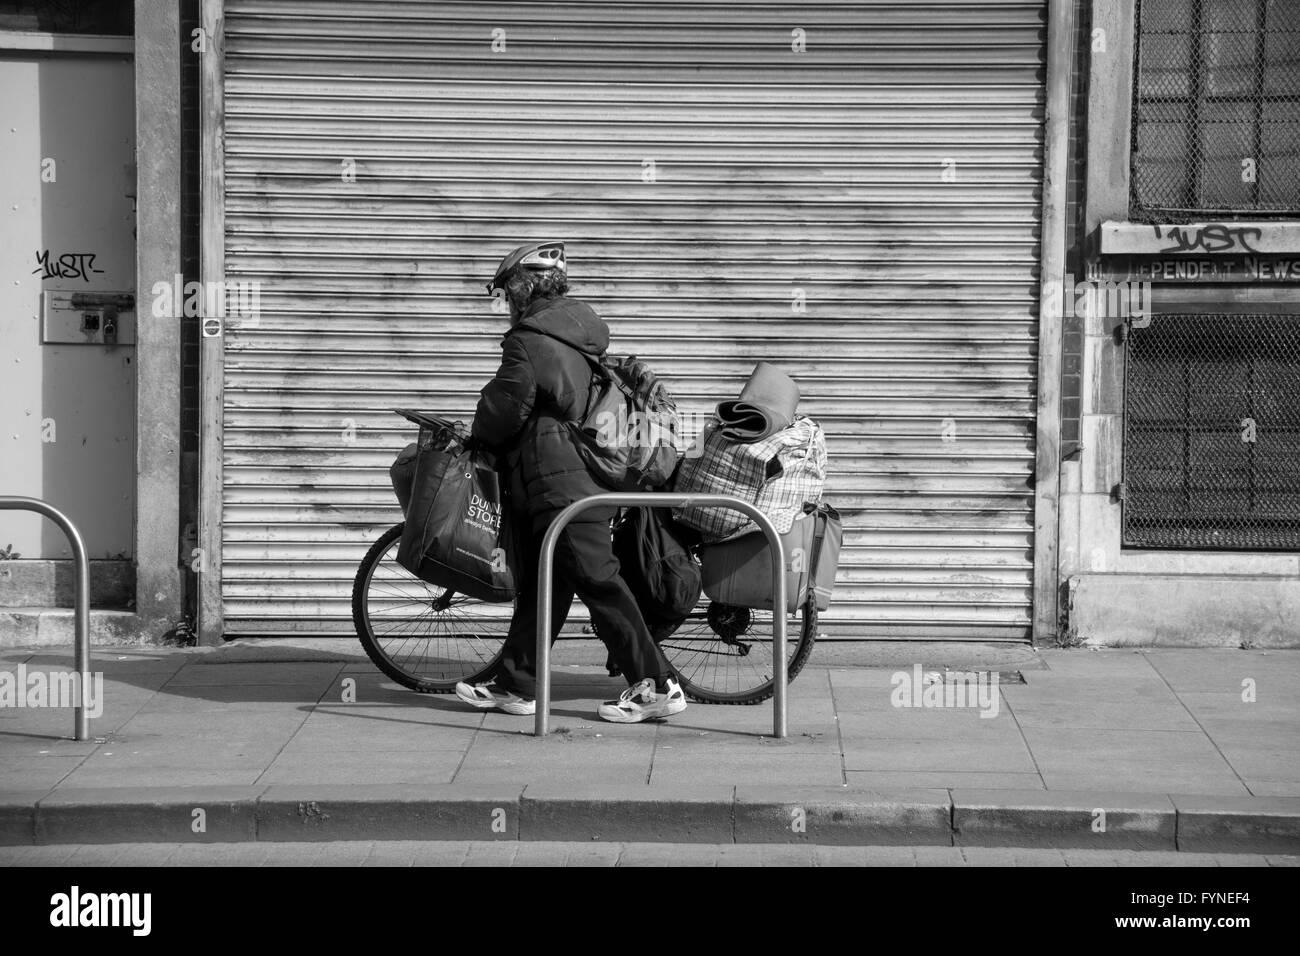 Homeless in Dublin - Stock Image